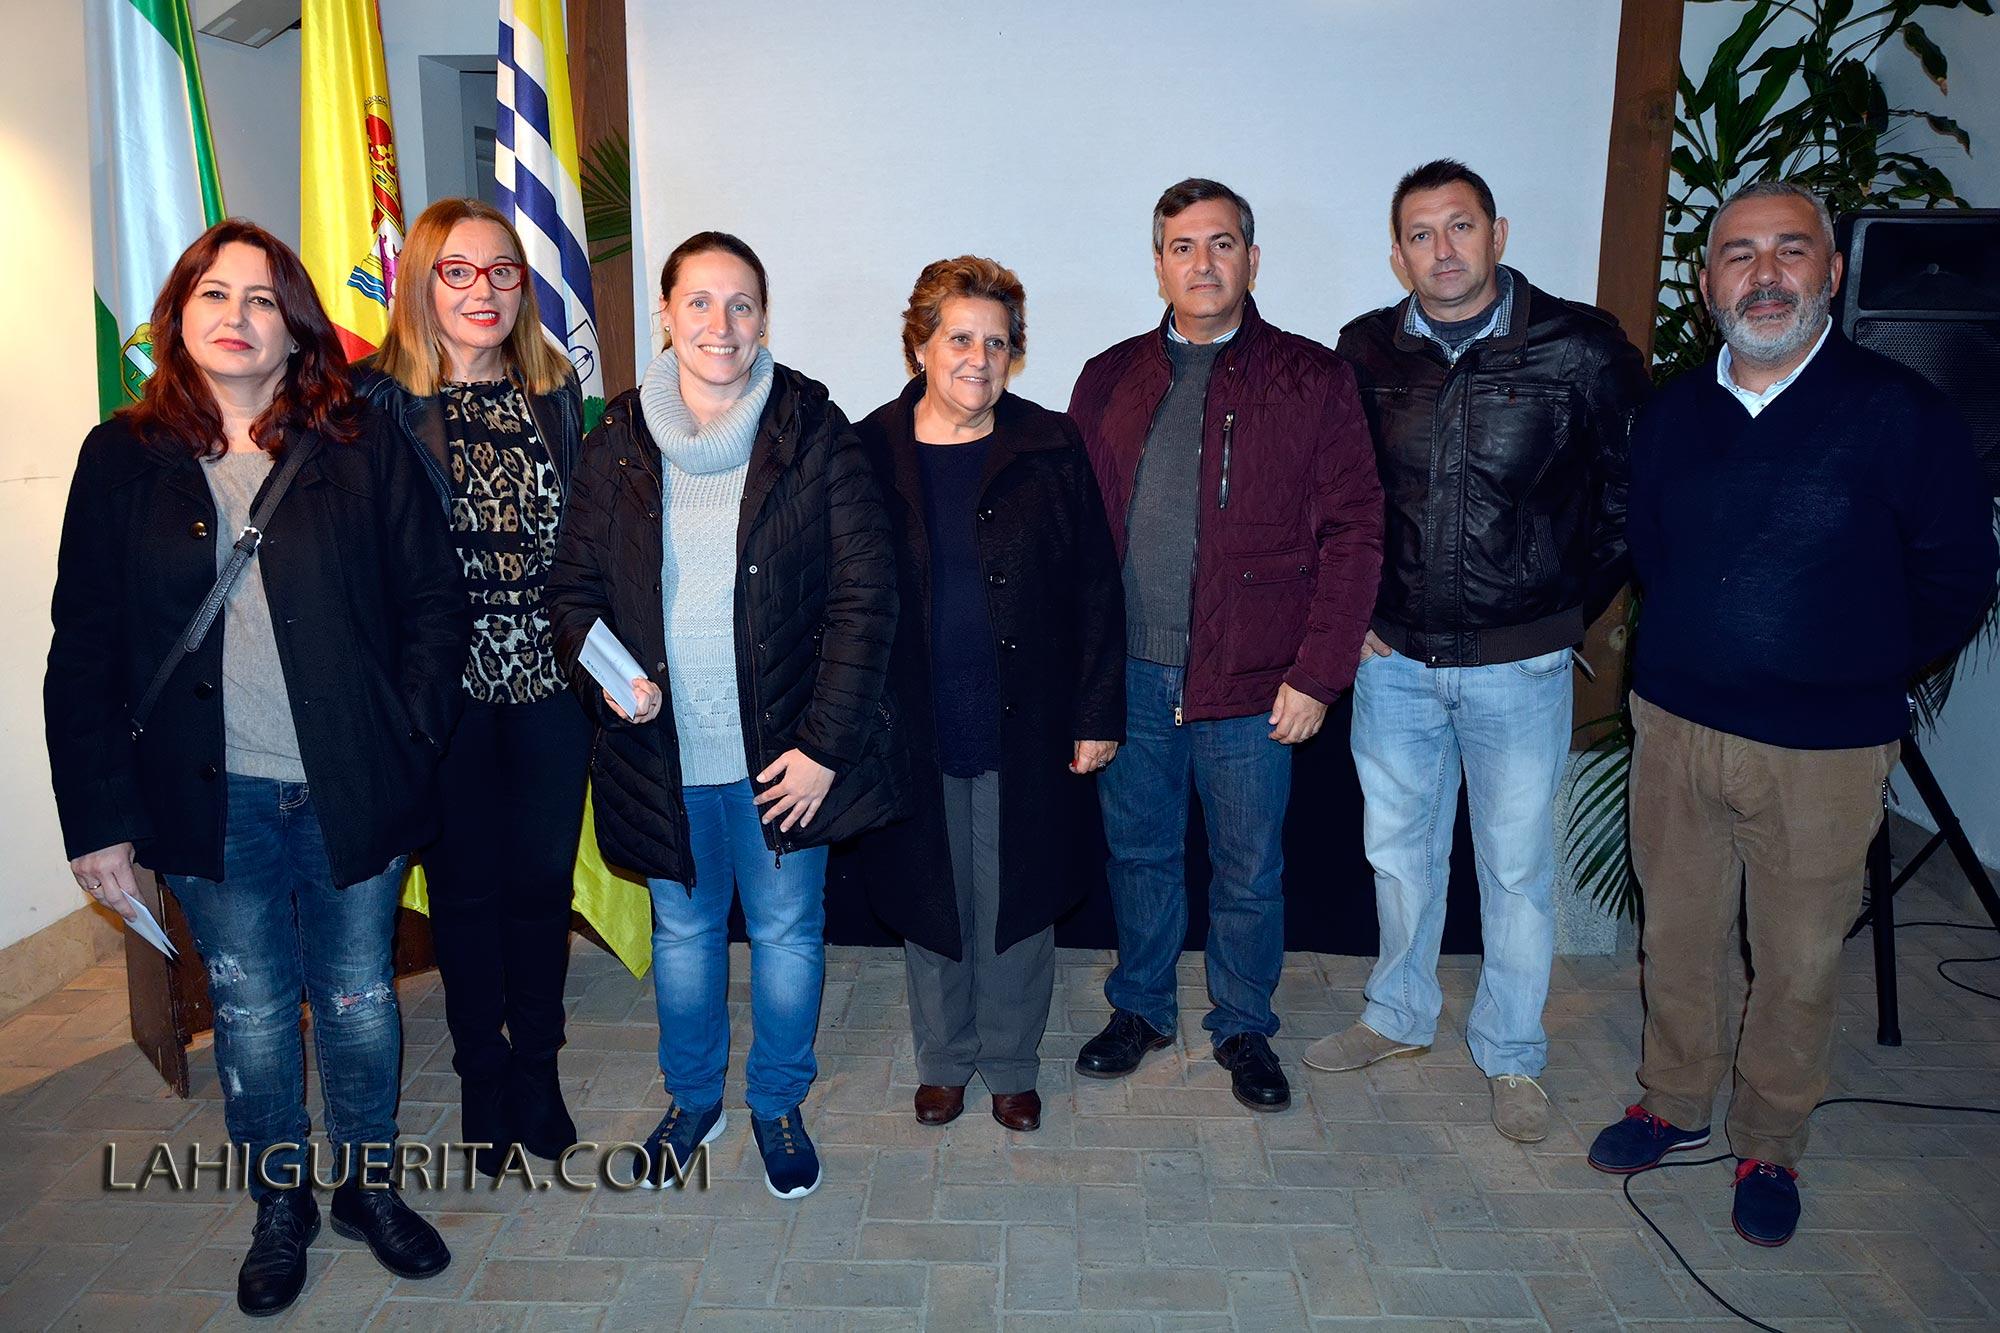 Inauguración del Concurso fotográfico de la Semana Santa de Isla Cristina 2016